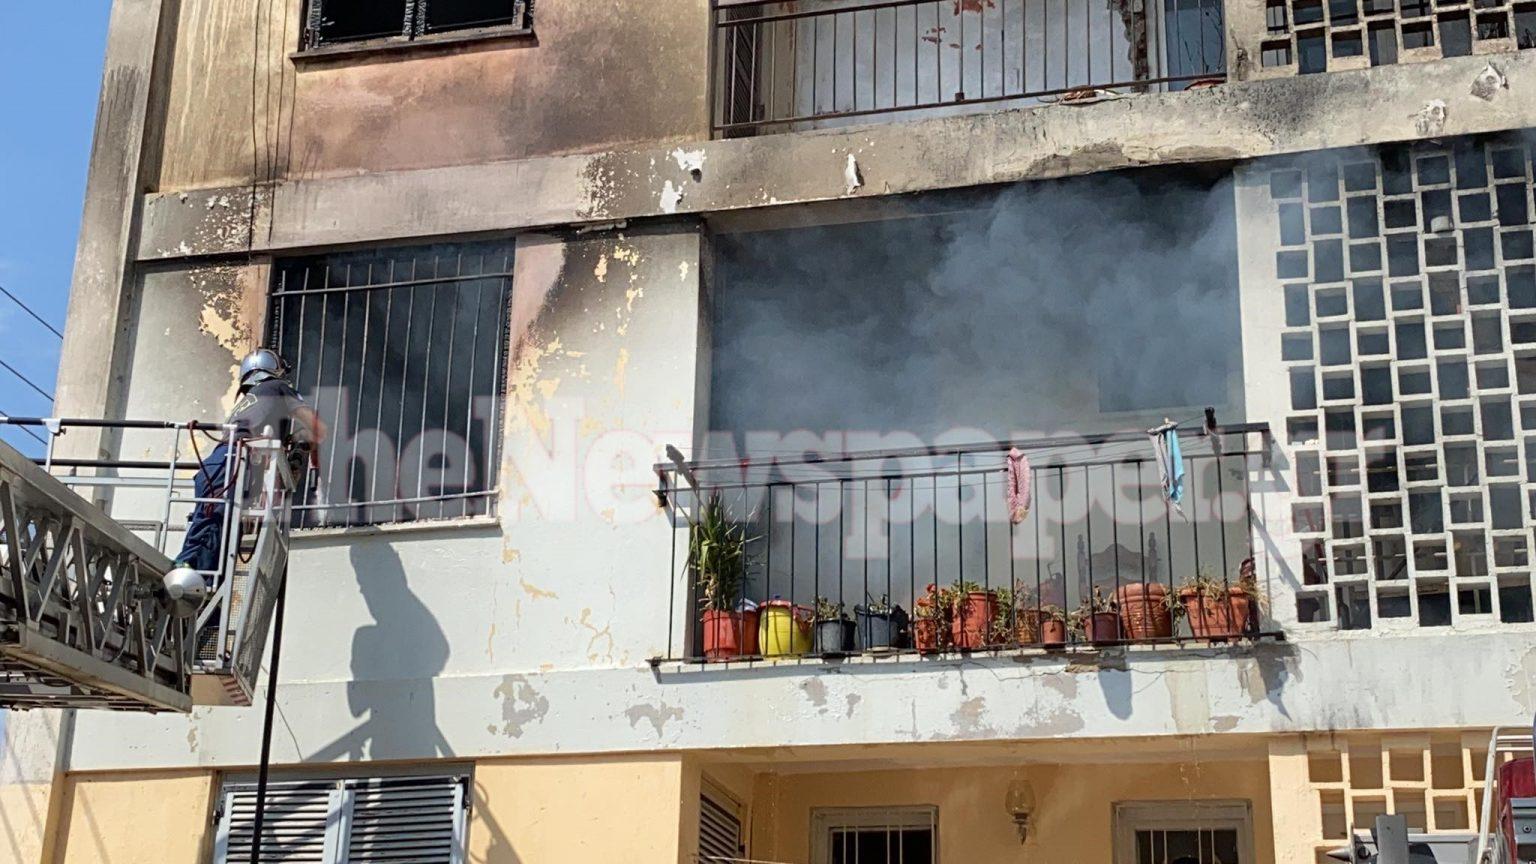 Βόλος: Σπίτι στον Ξηρόκαμπο «τυλίχθηκε» στις φλογές – Τραυματίστηκε 62χρονη και ο πρόεδρος των Πυροσβεστών [εικόνες - βίντεο]